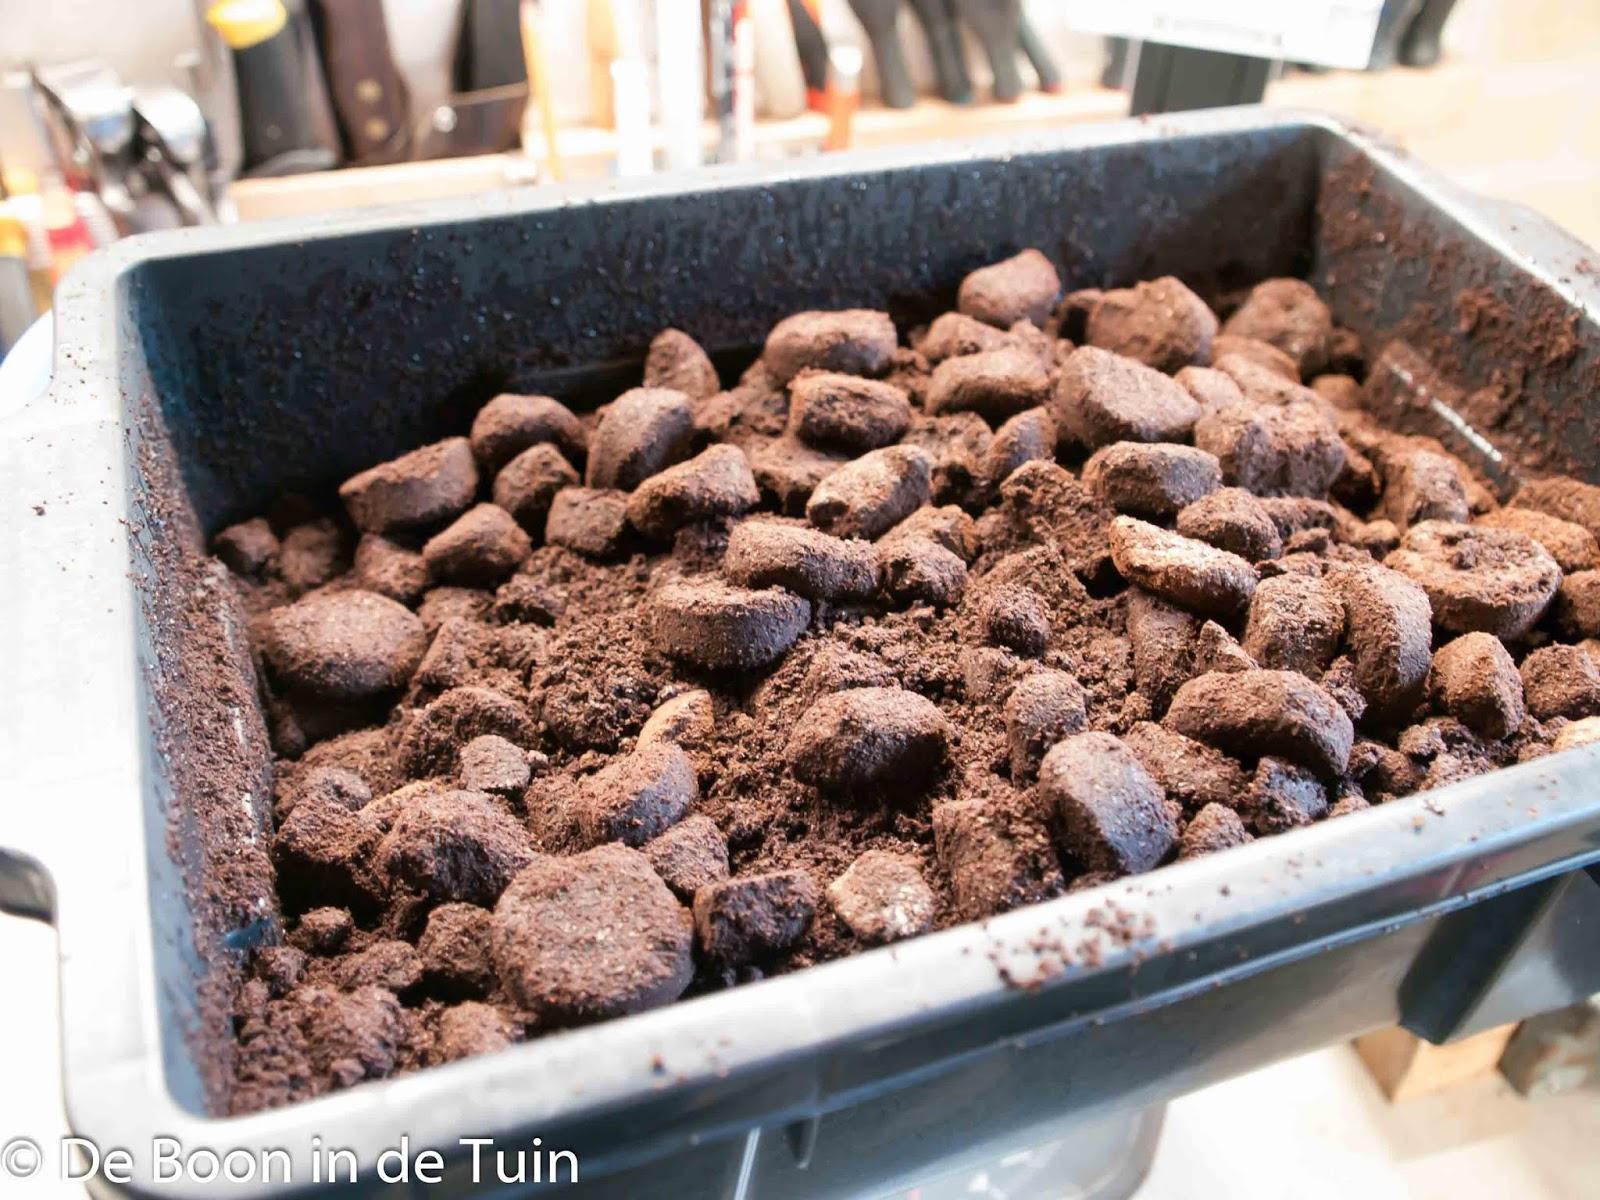 koffiedik drab prut moestuin volkstuin vruchtbaar